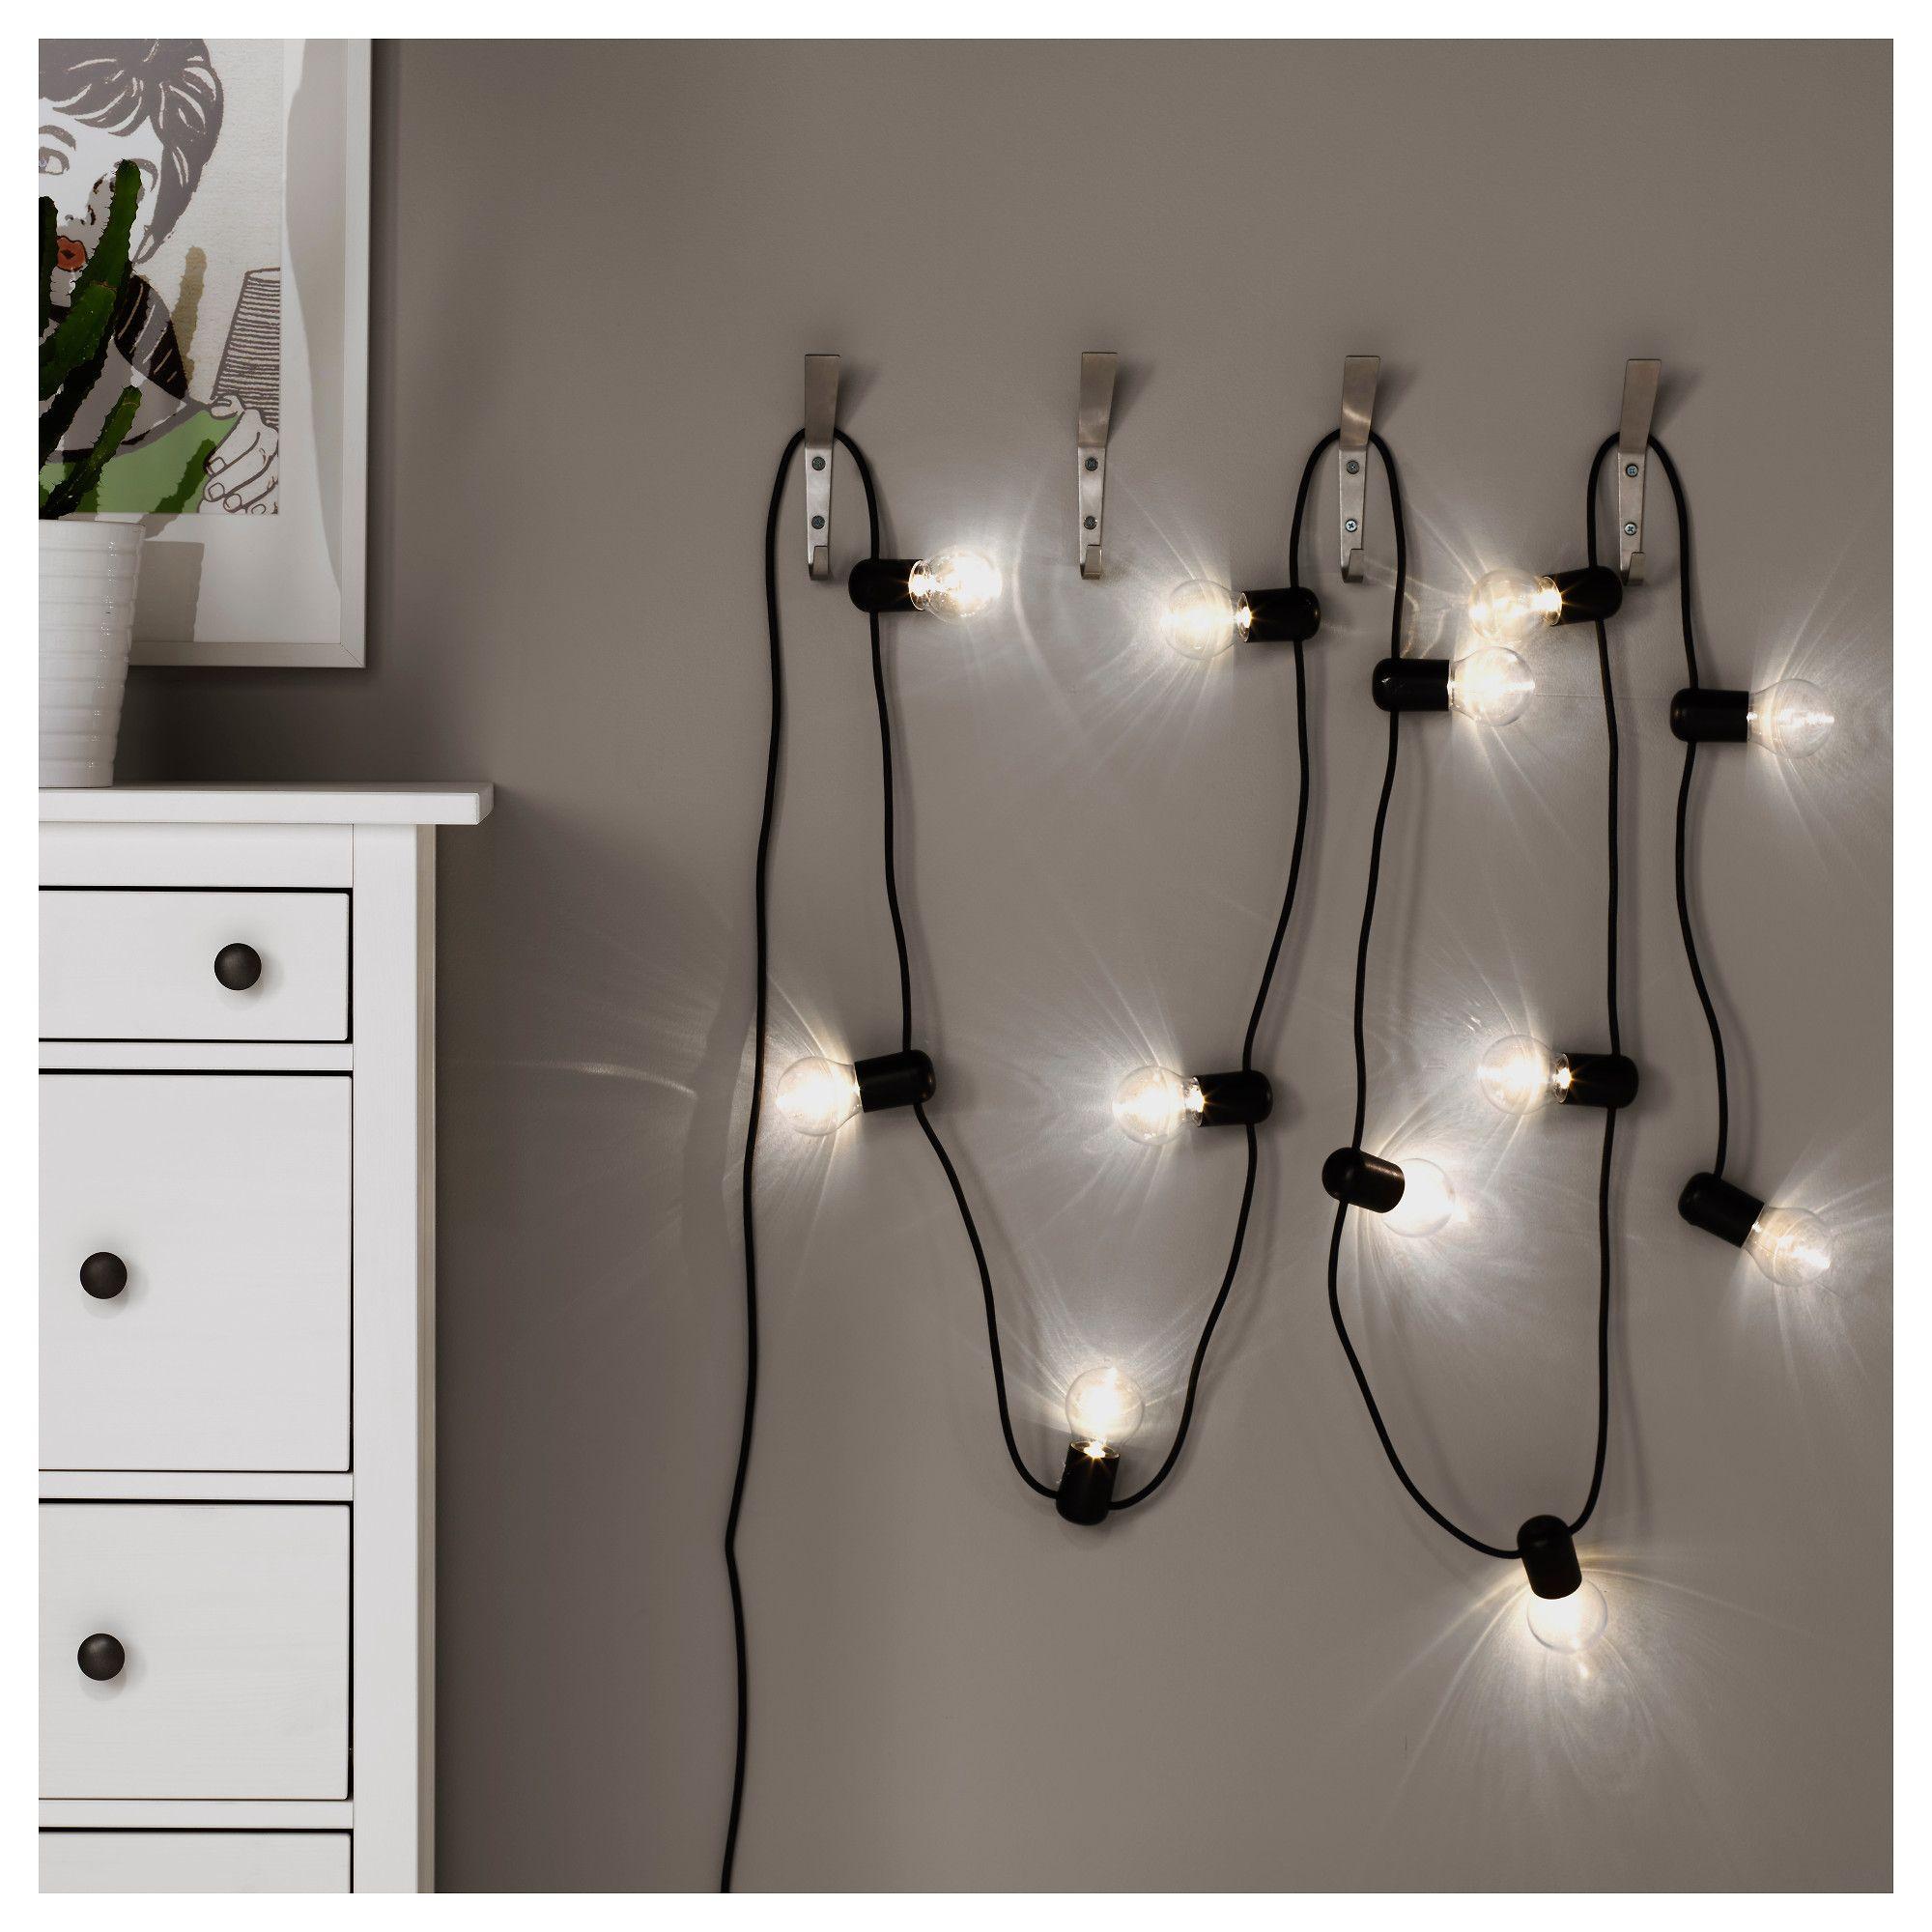 60b7c33ad330f9429742c4432d36279b Faszinierend System Led Lichterketten Außen Dekorationen